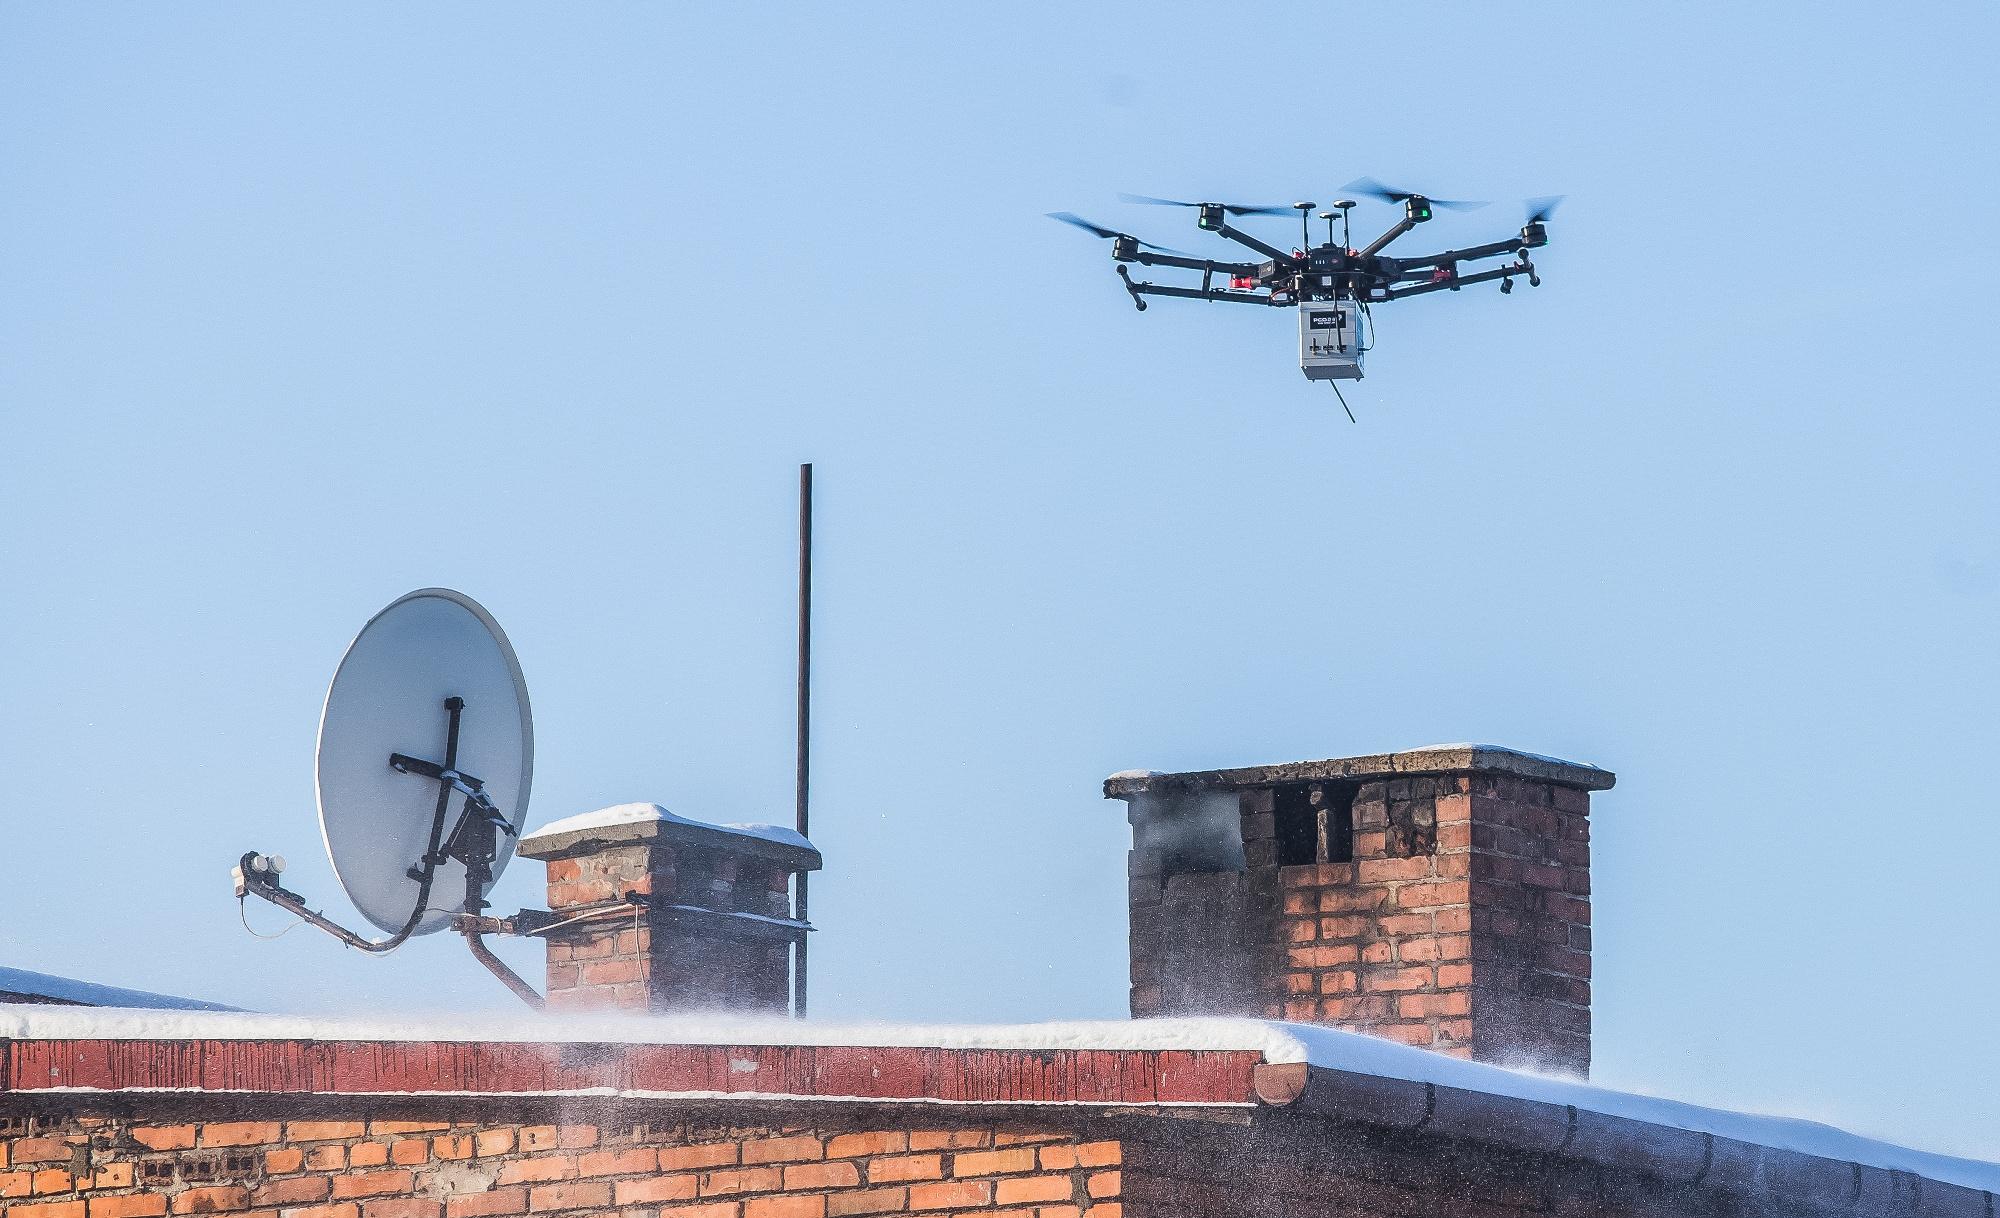 UWAGA! Dron nad bielskimi kominami